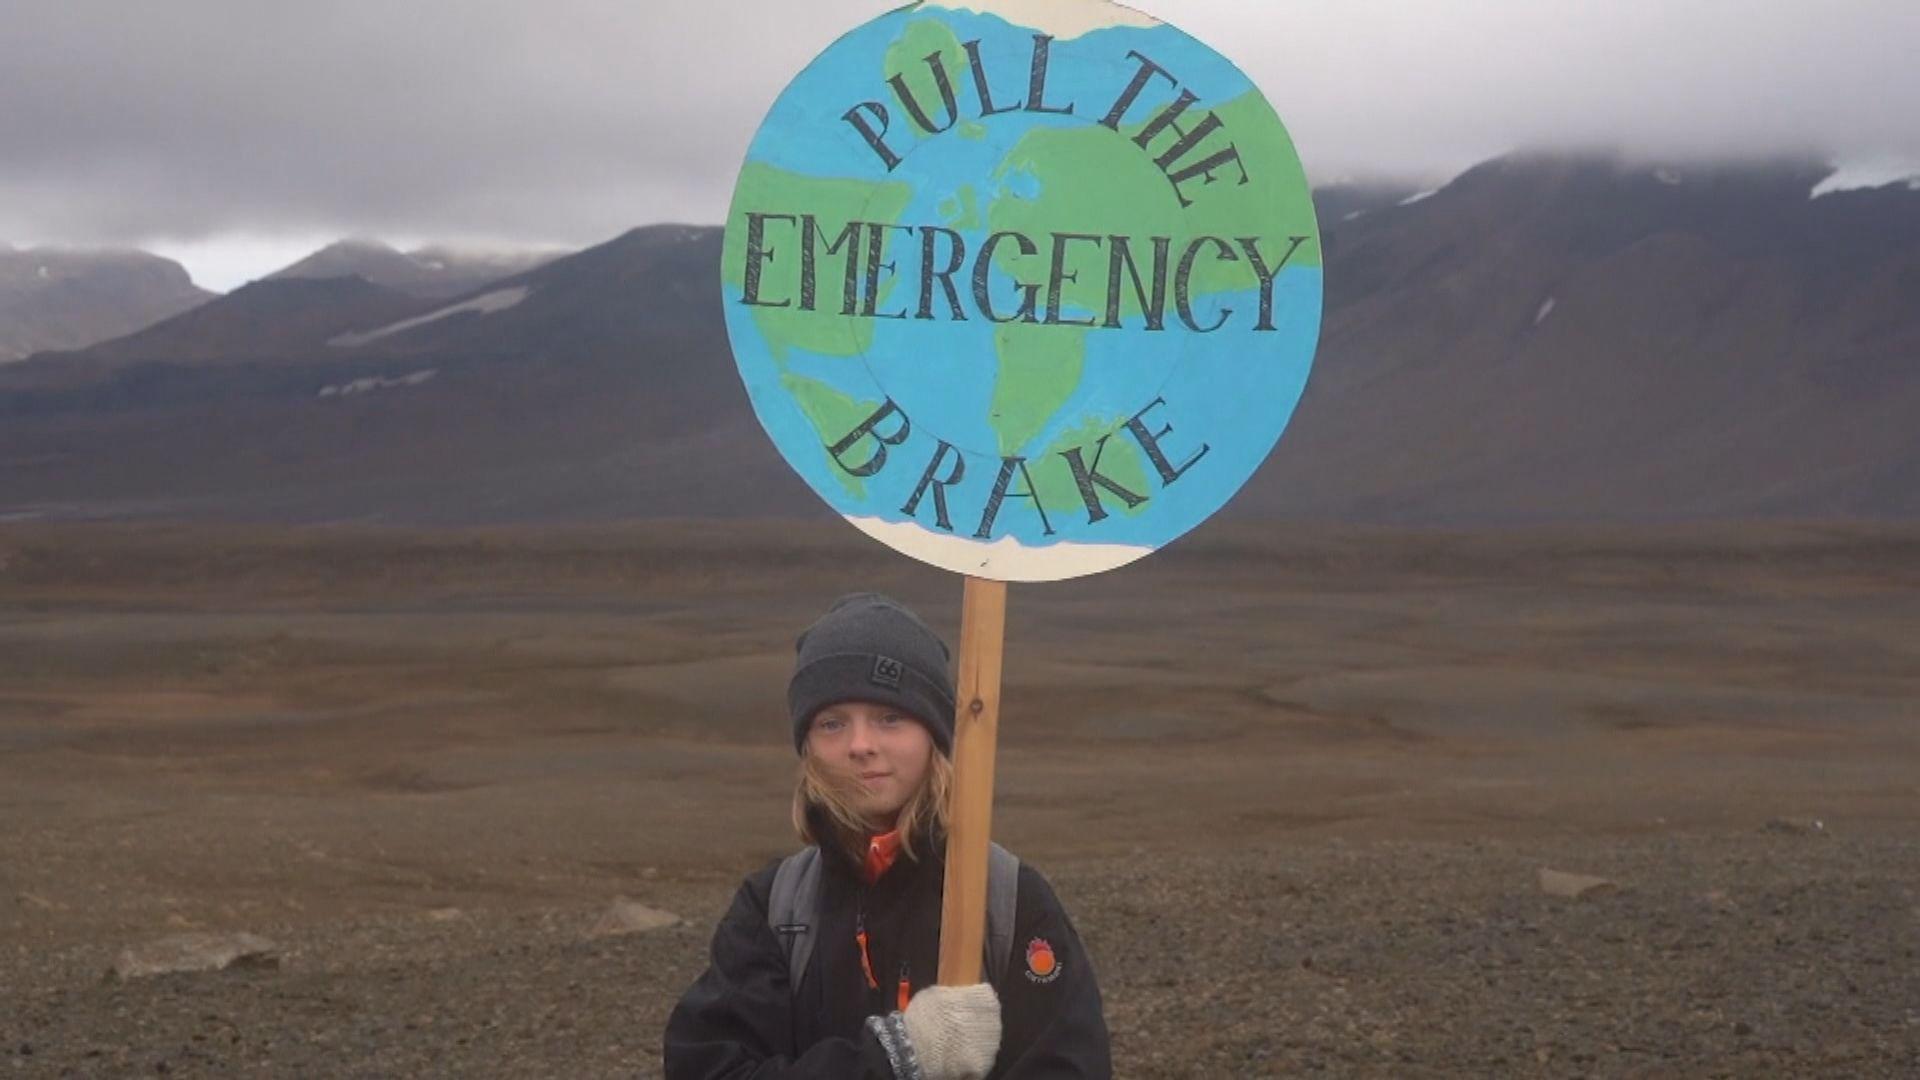 【環球薈報】冰島悼念融化冰川籲關注全球暖化